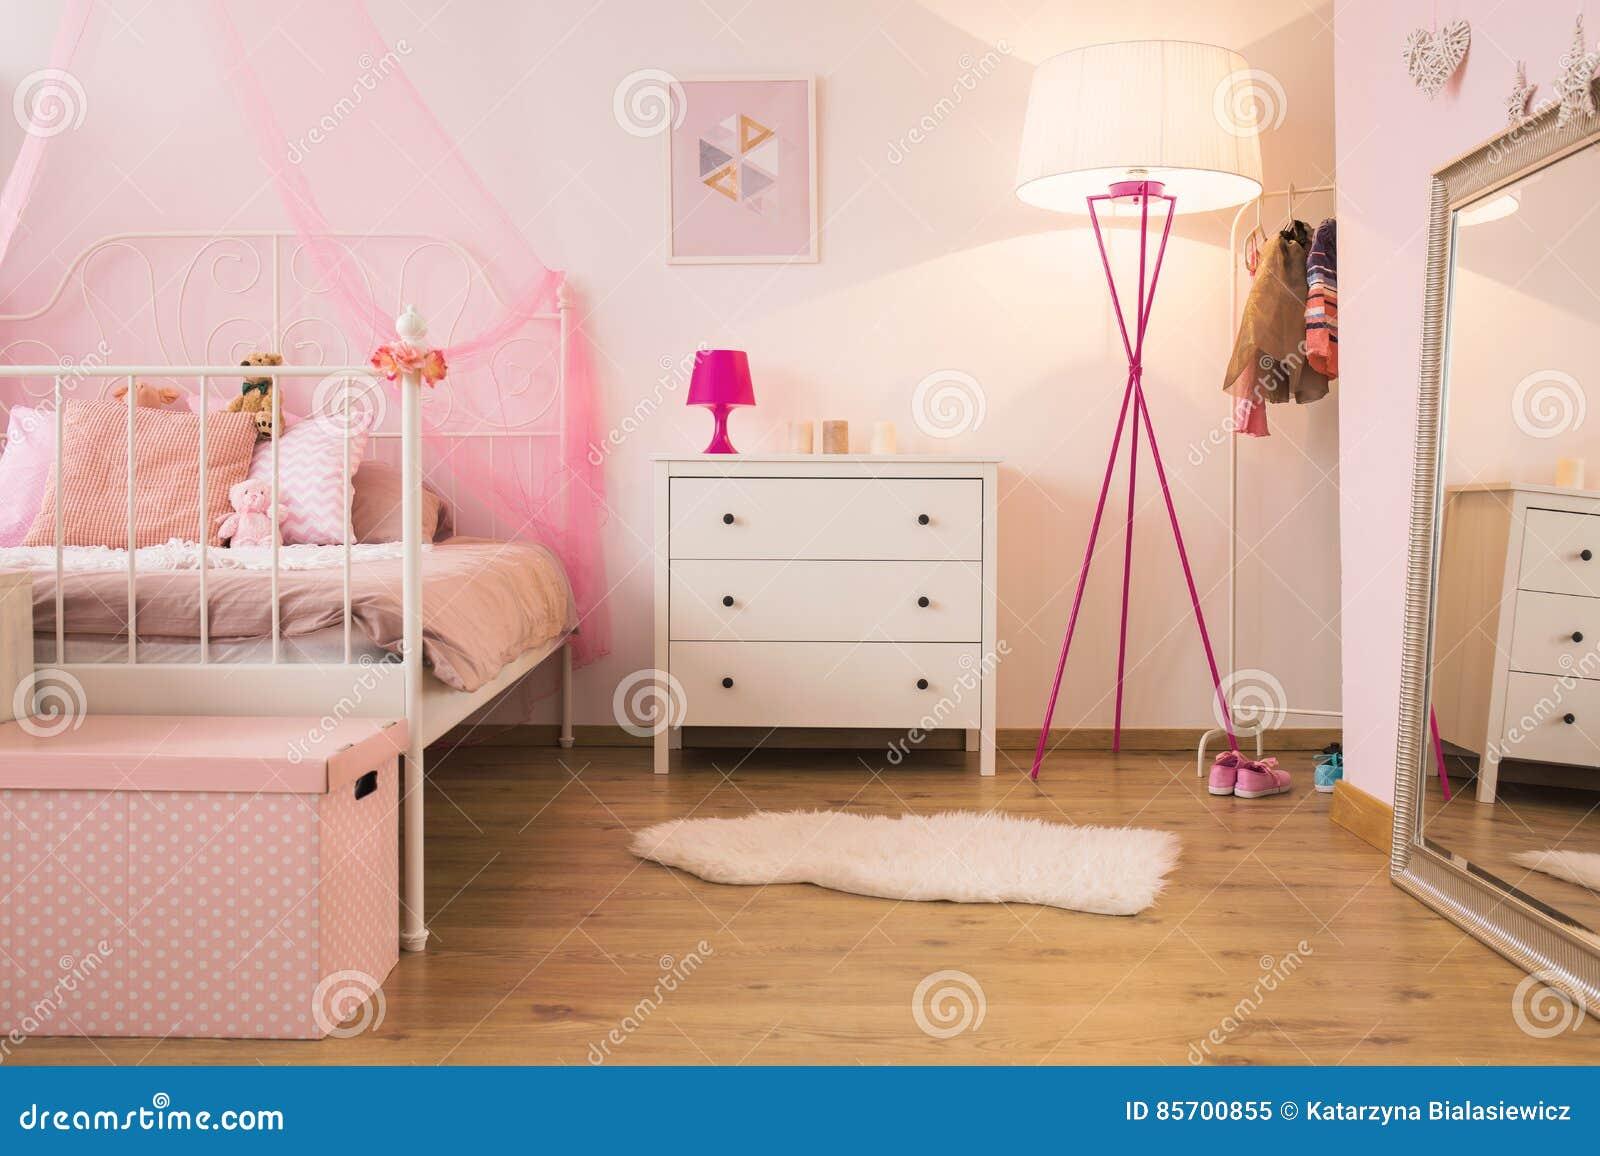 Camera Letto Rosa : Camera da letto rosa del bambino con la lampada immagine stock